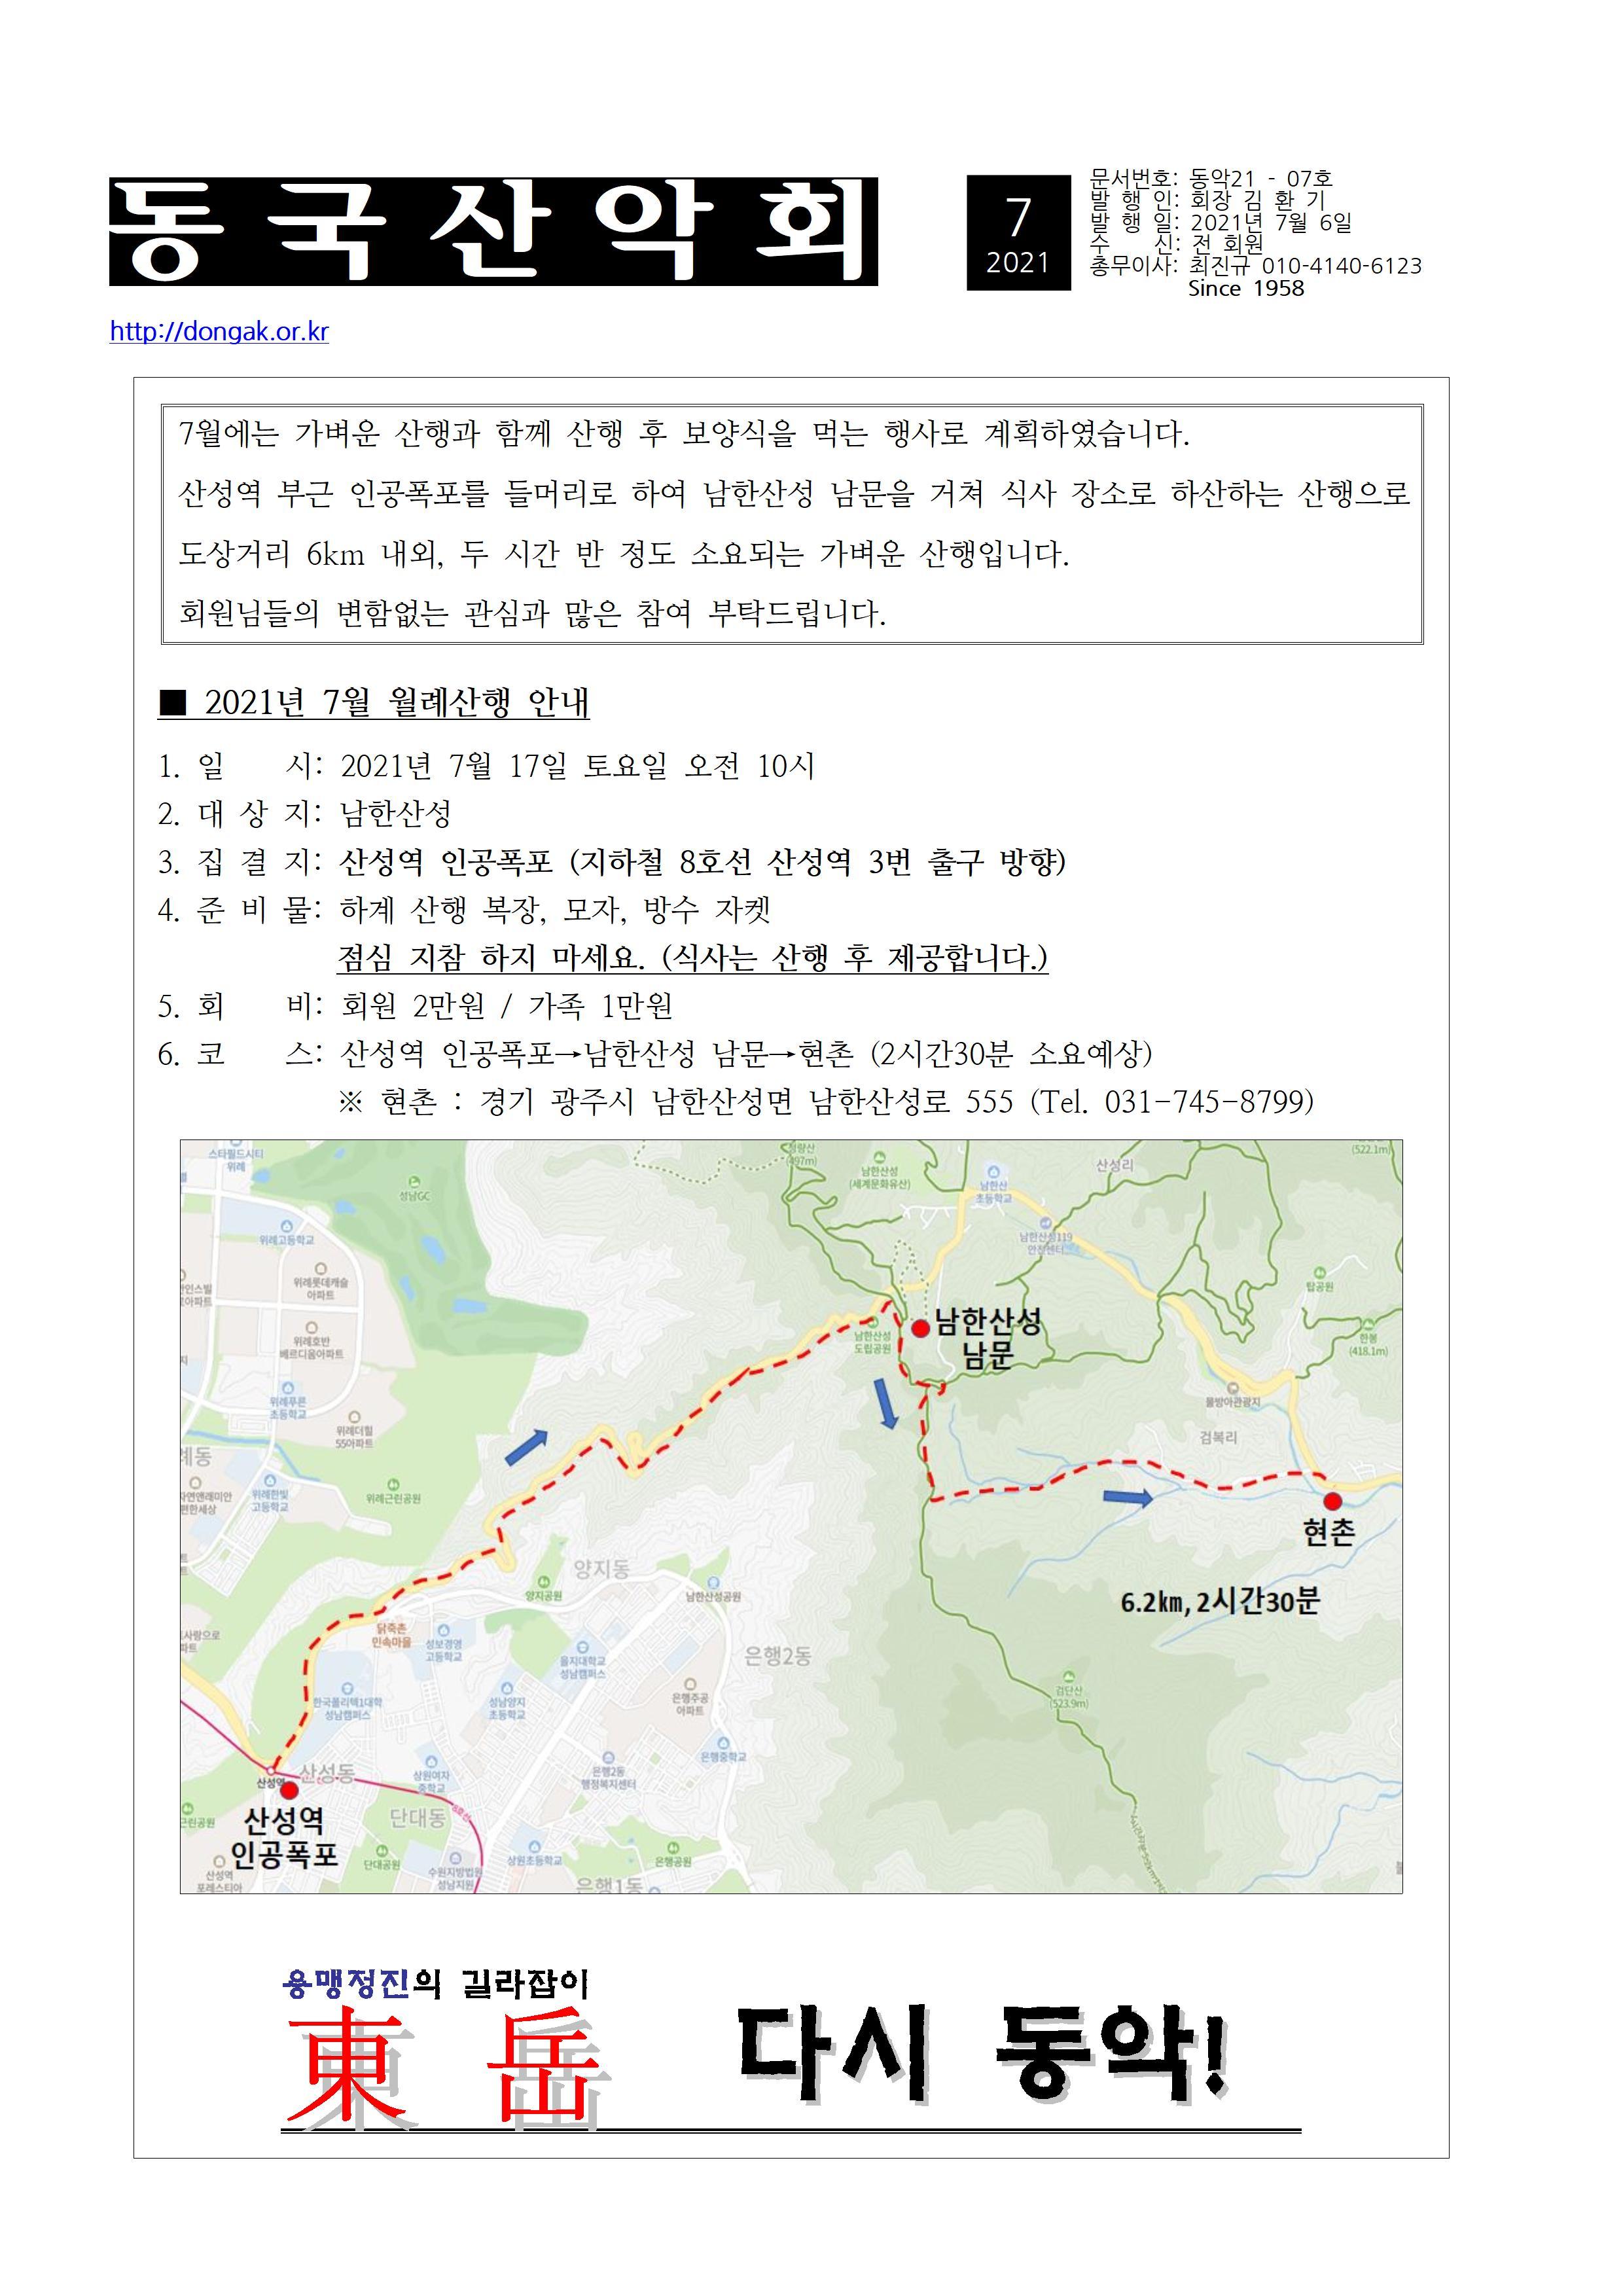 동악공문_2021년_7월001.jpg